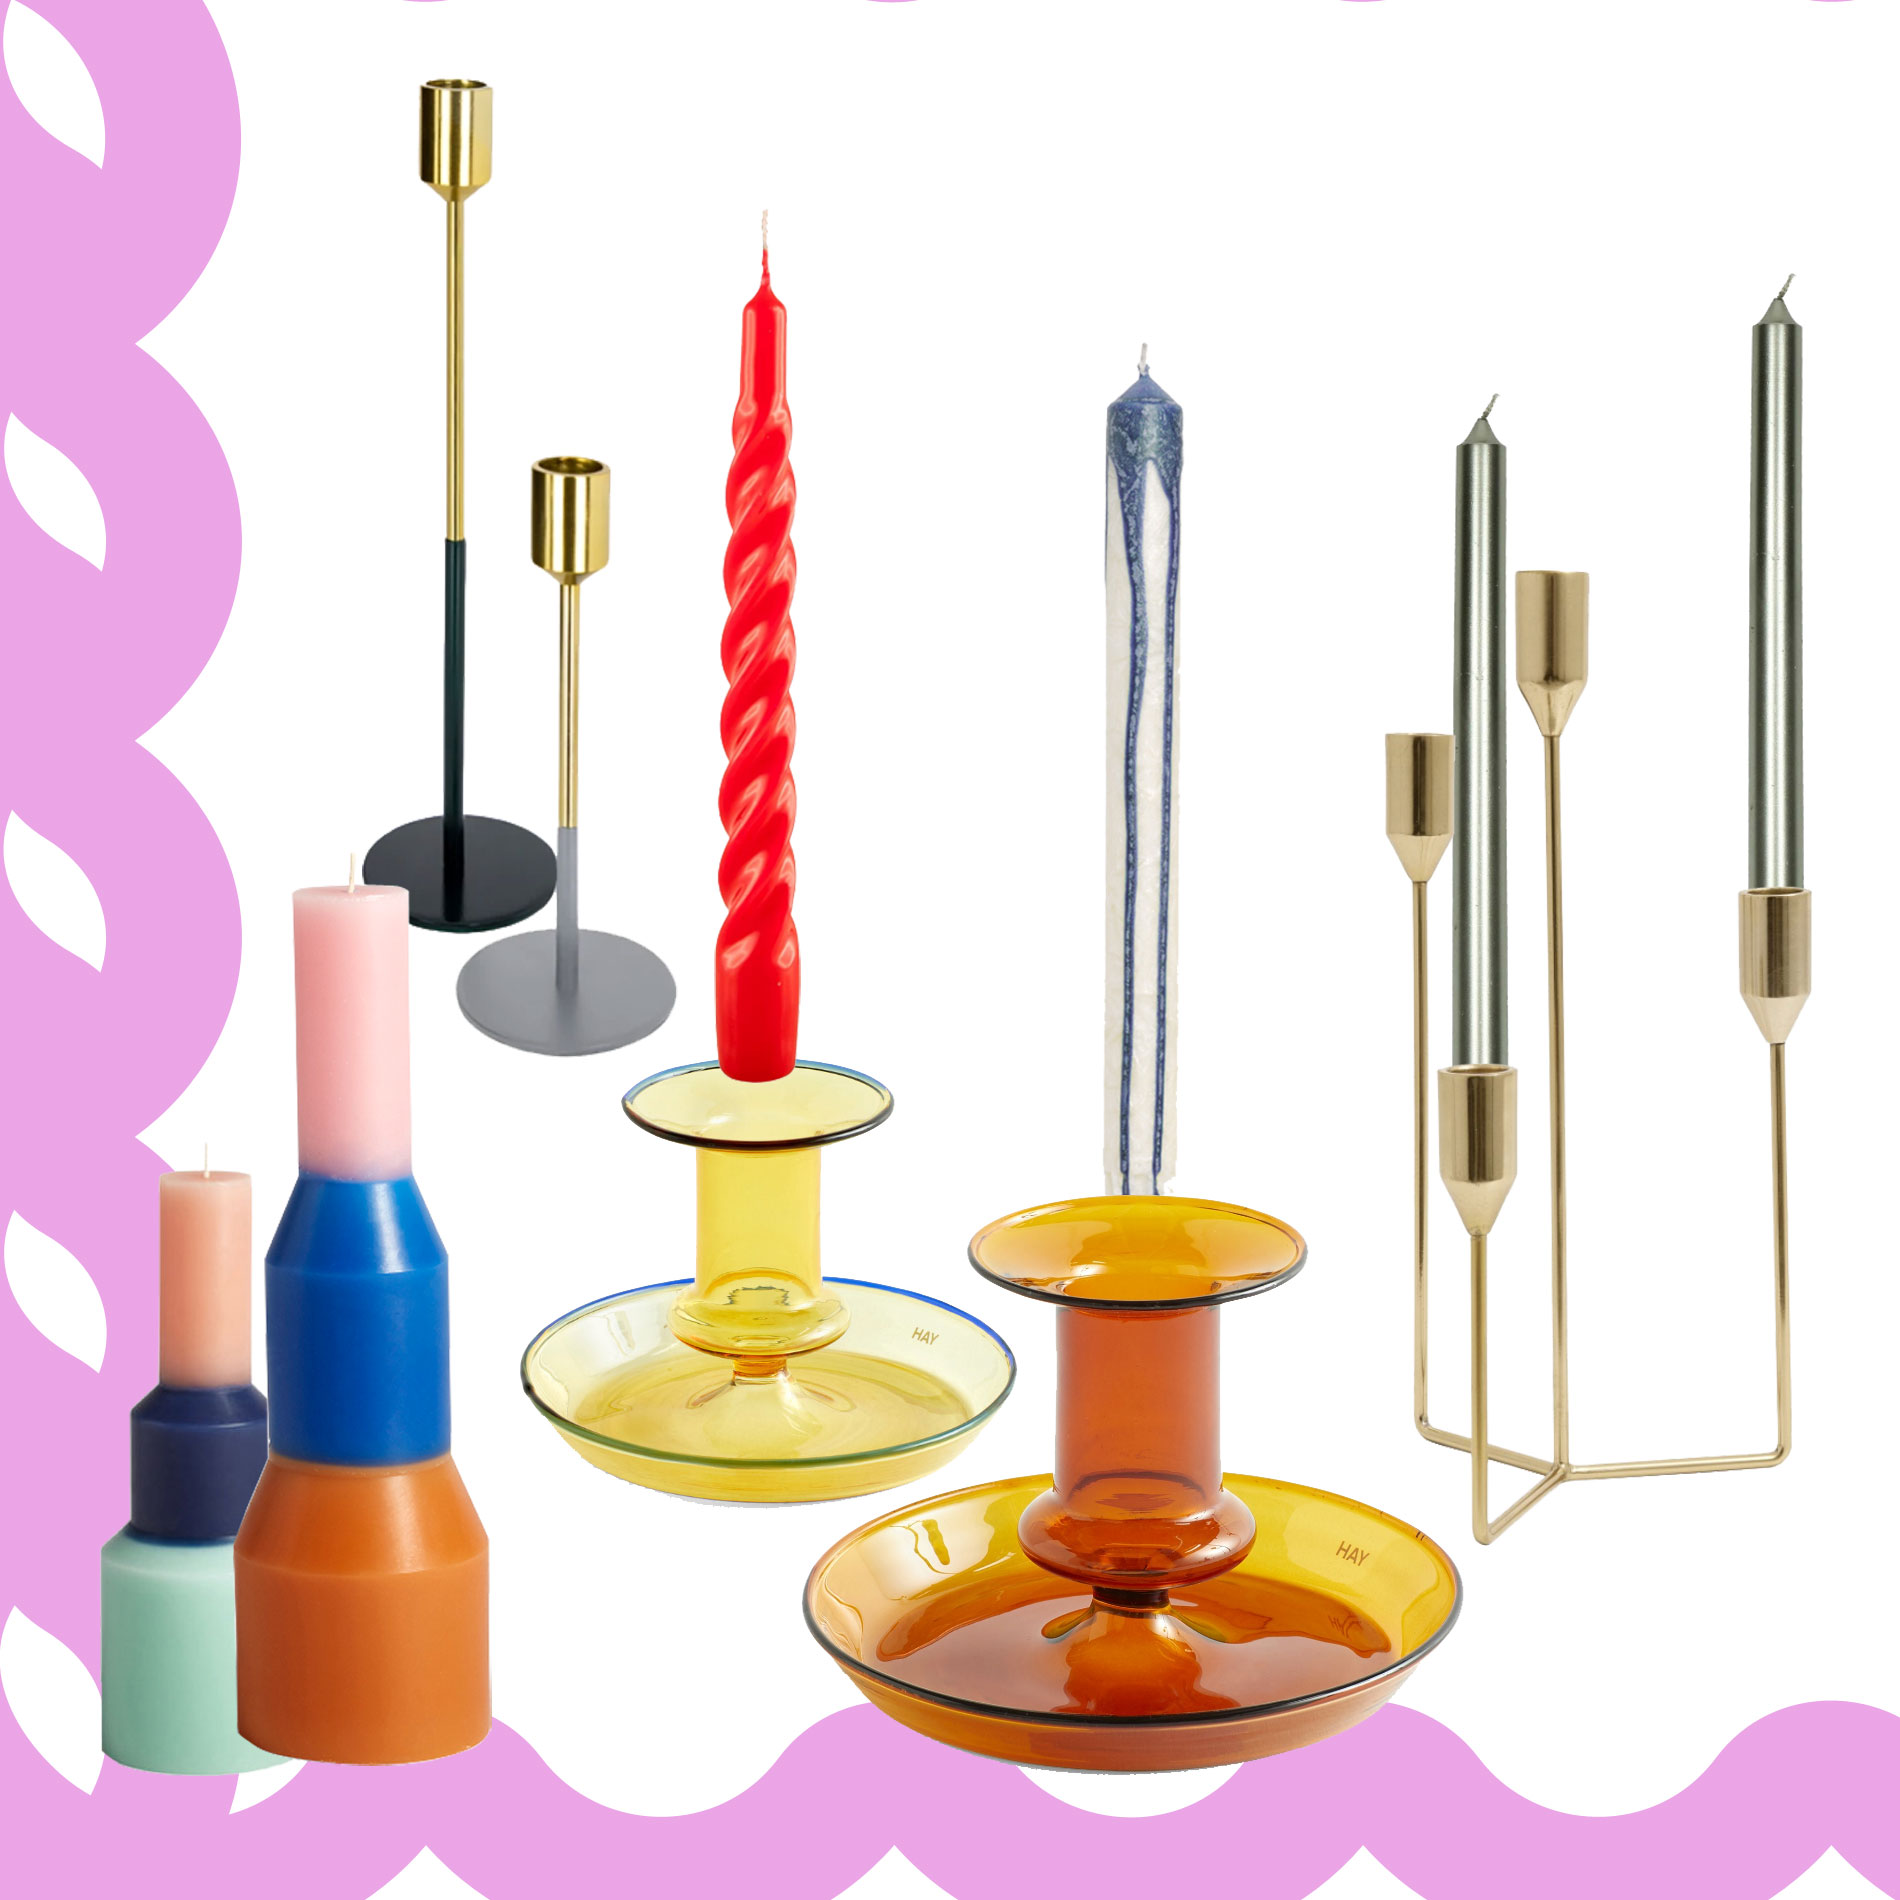 Kerzen und Kerzenhalter, Interior-Trend Kerzen, Interior-Trend Kerzenhalter, Kerzen der neue Interior-Trend, Kerzen für mehr Gemütlichkeit, bunte Kerzen, gedrehte Kerzen, stylische Kerzenhaltern, schöne Kerzen, schöne Kerzenhalter